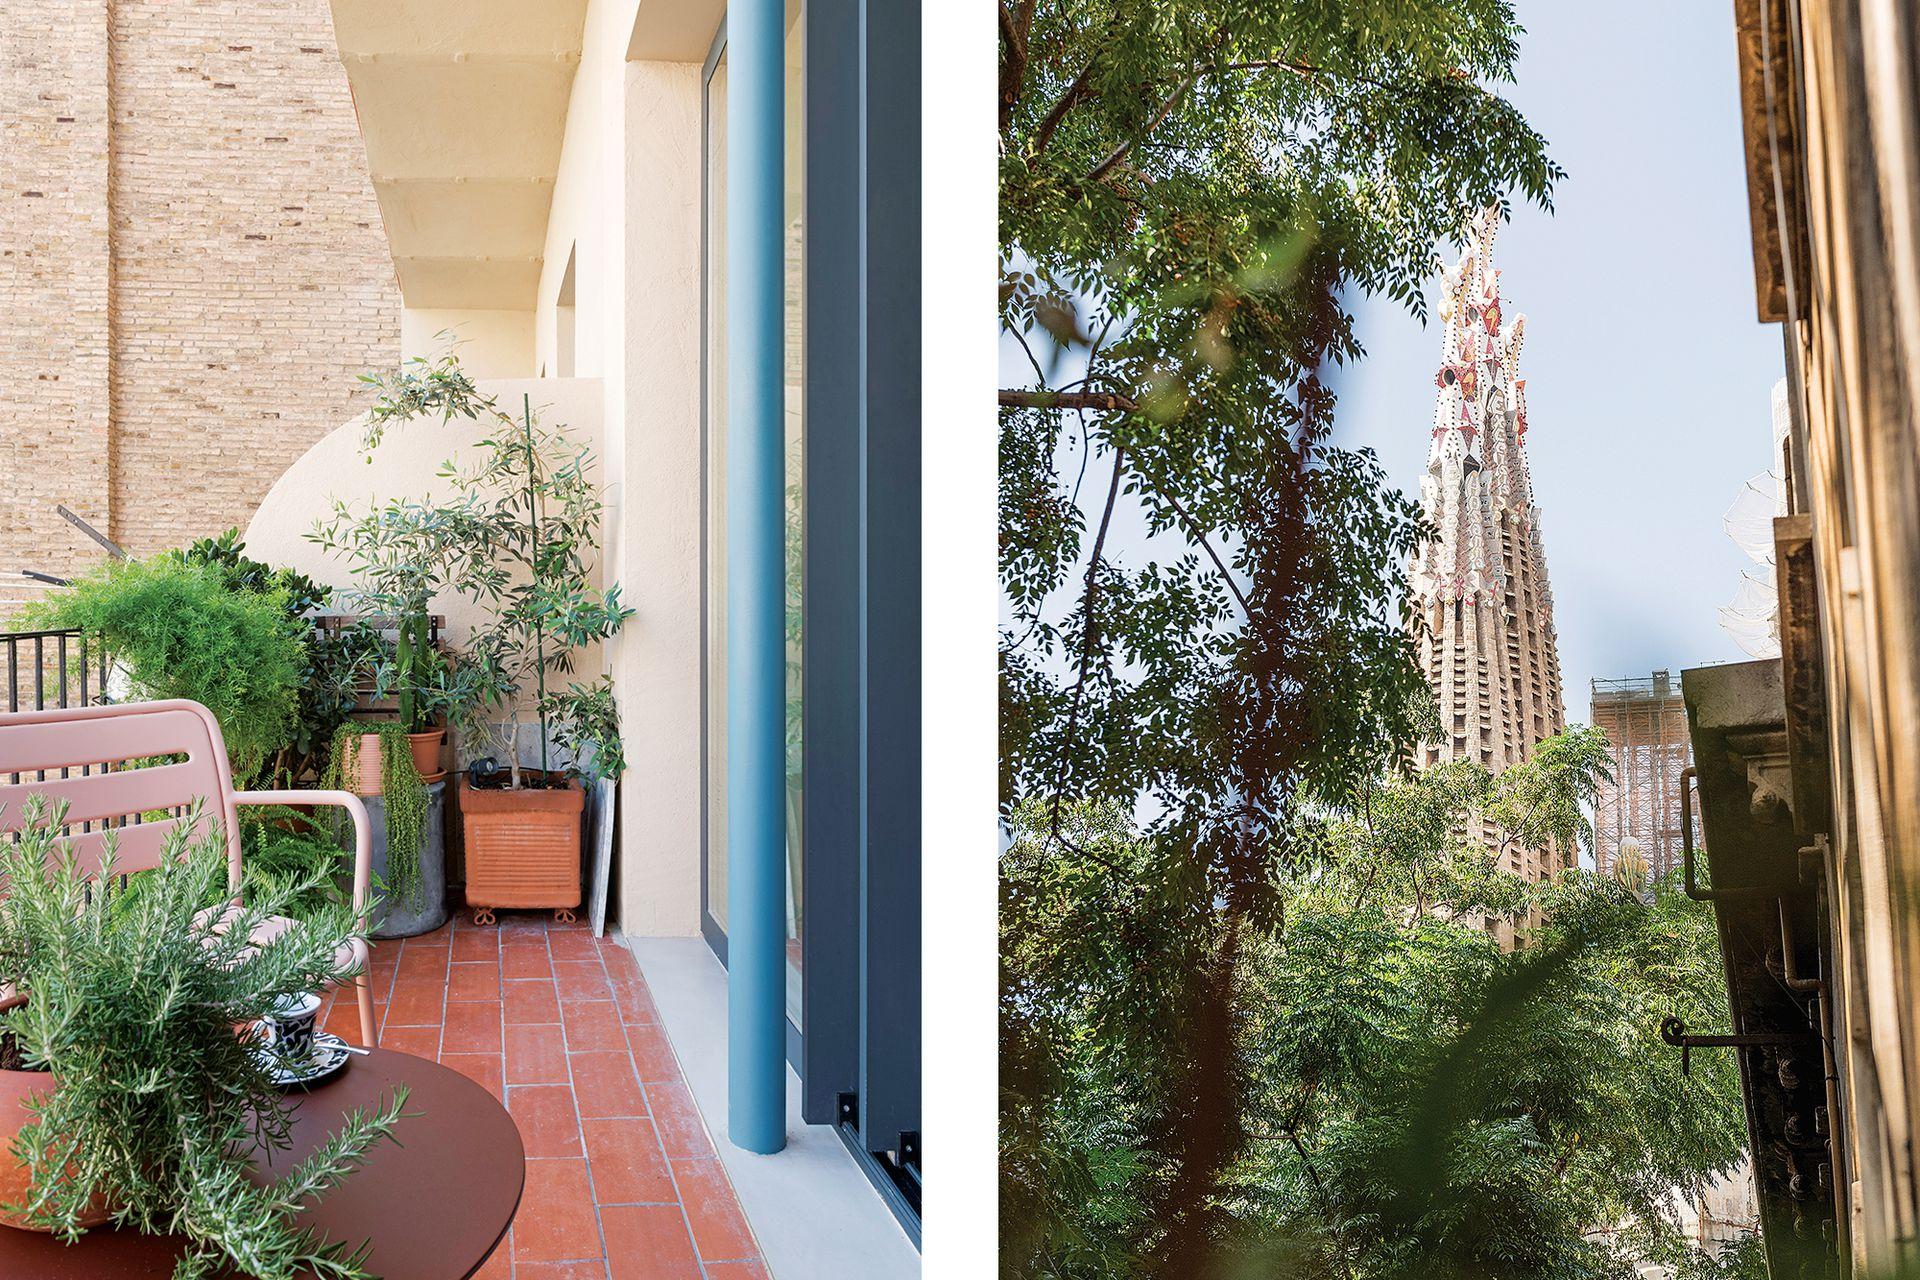 Los dos dormitorios dan al balcón corrido con privilegiada vista a La Sagrada Familia.